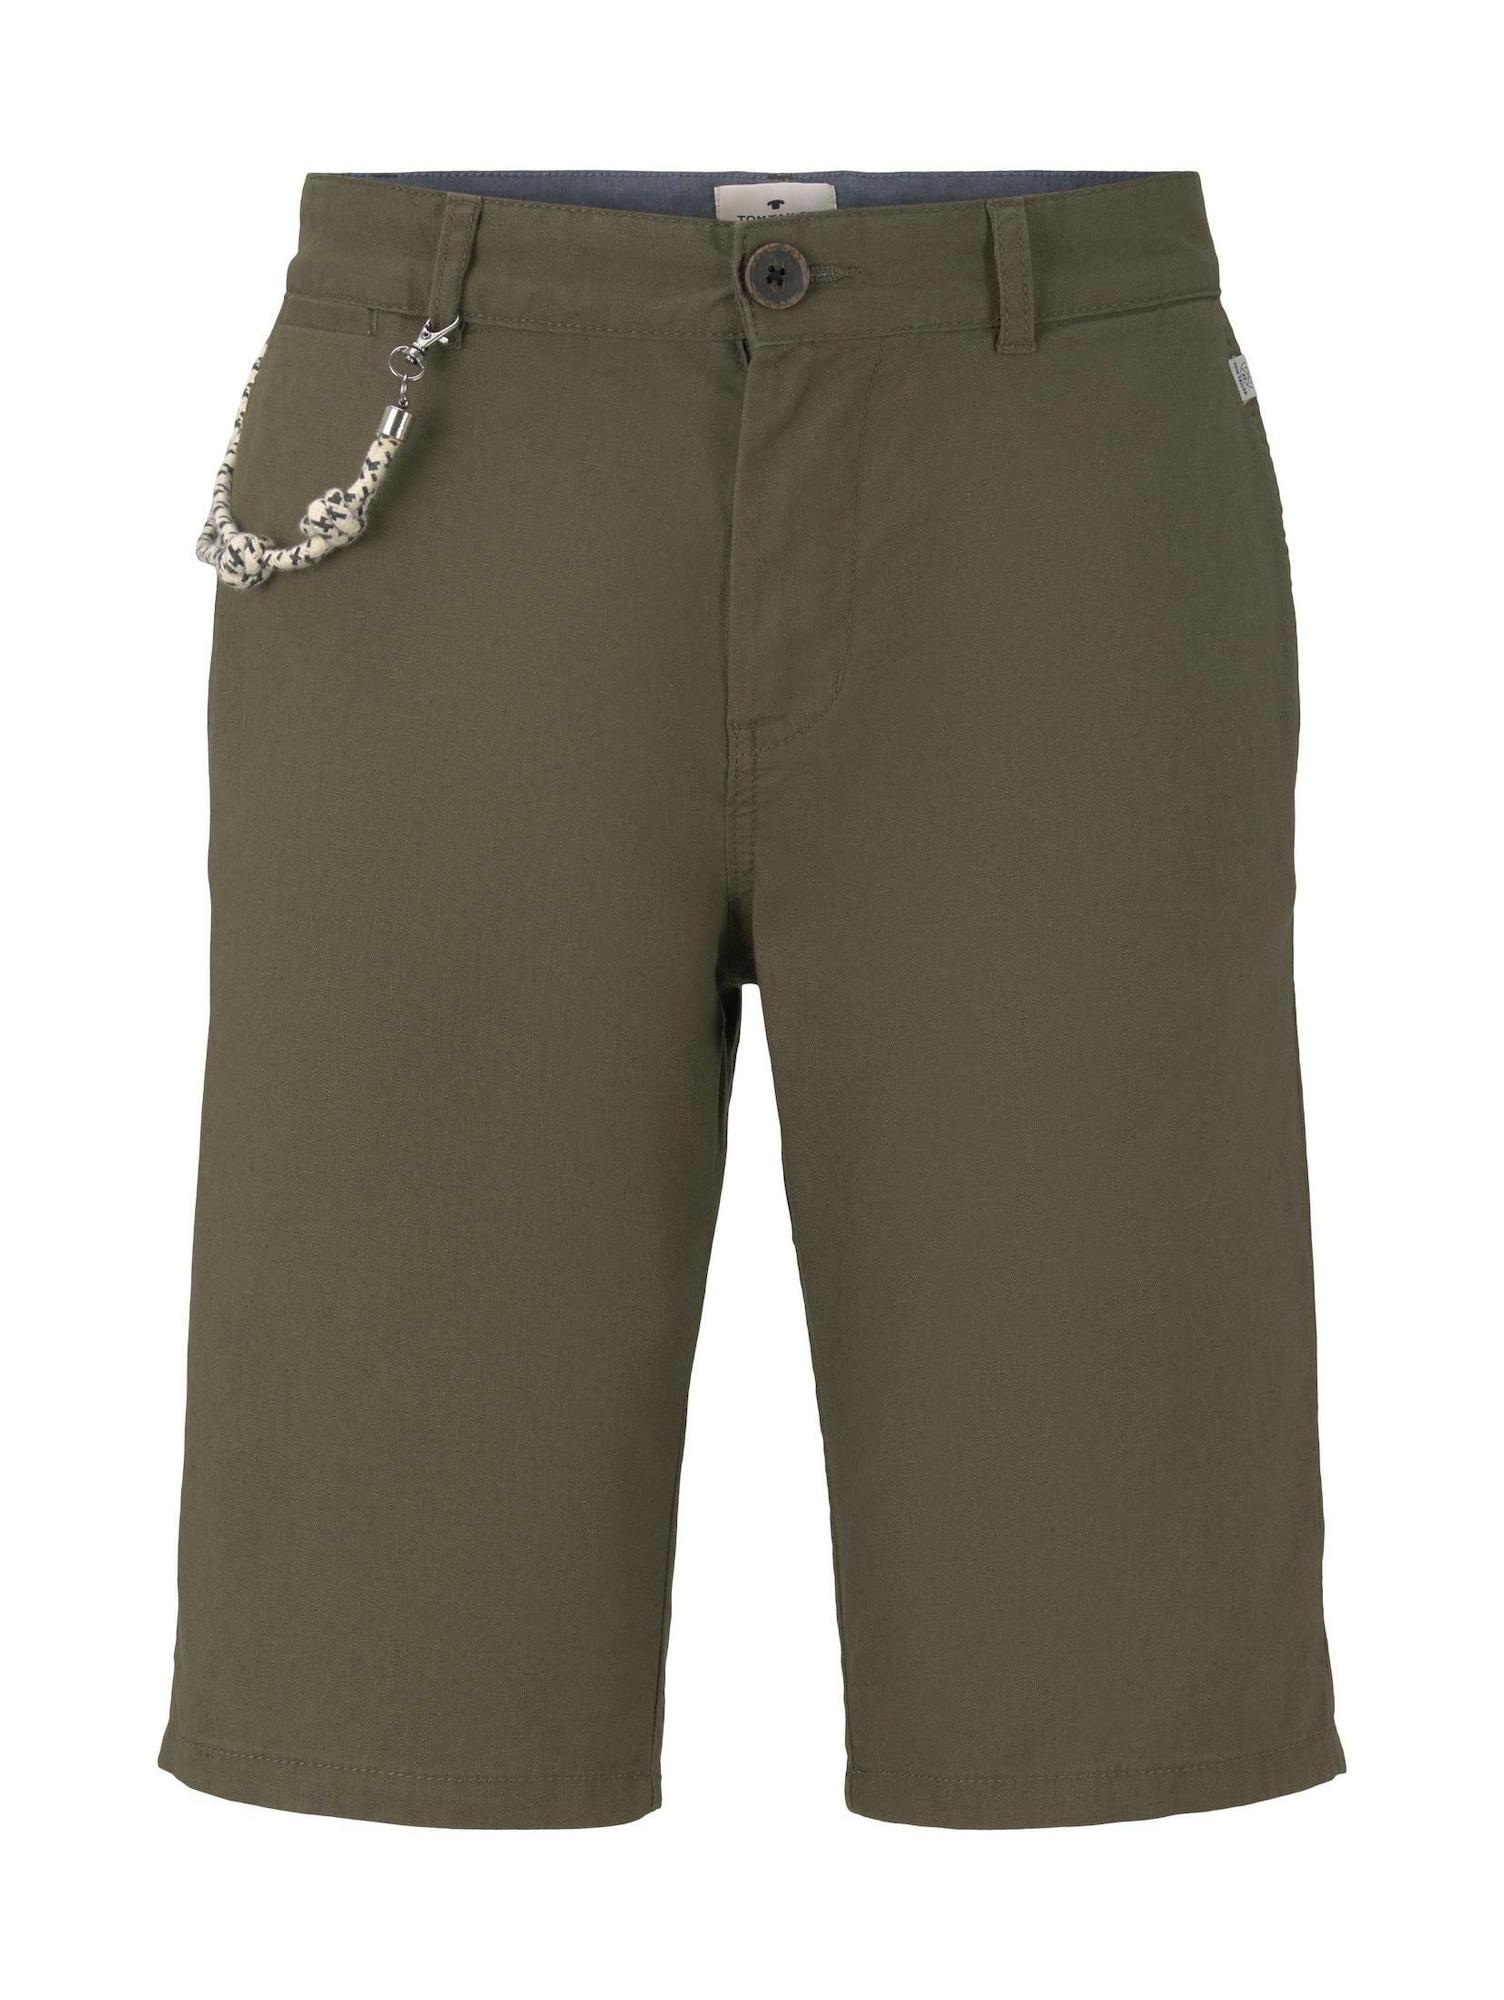 TOM TAILOR Chino stiliaus kelnės rusvai žalia